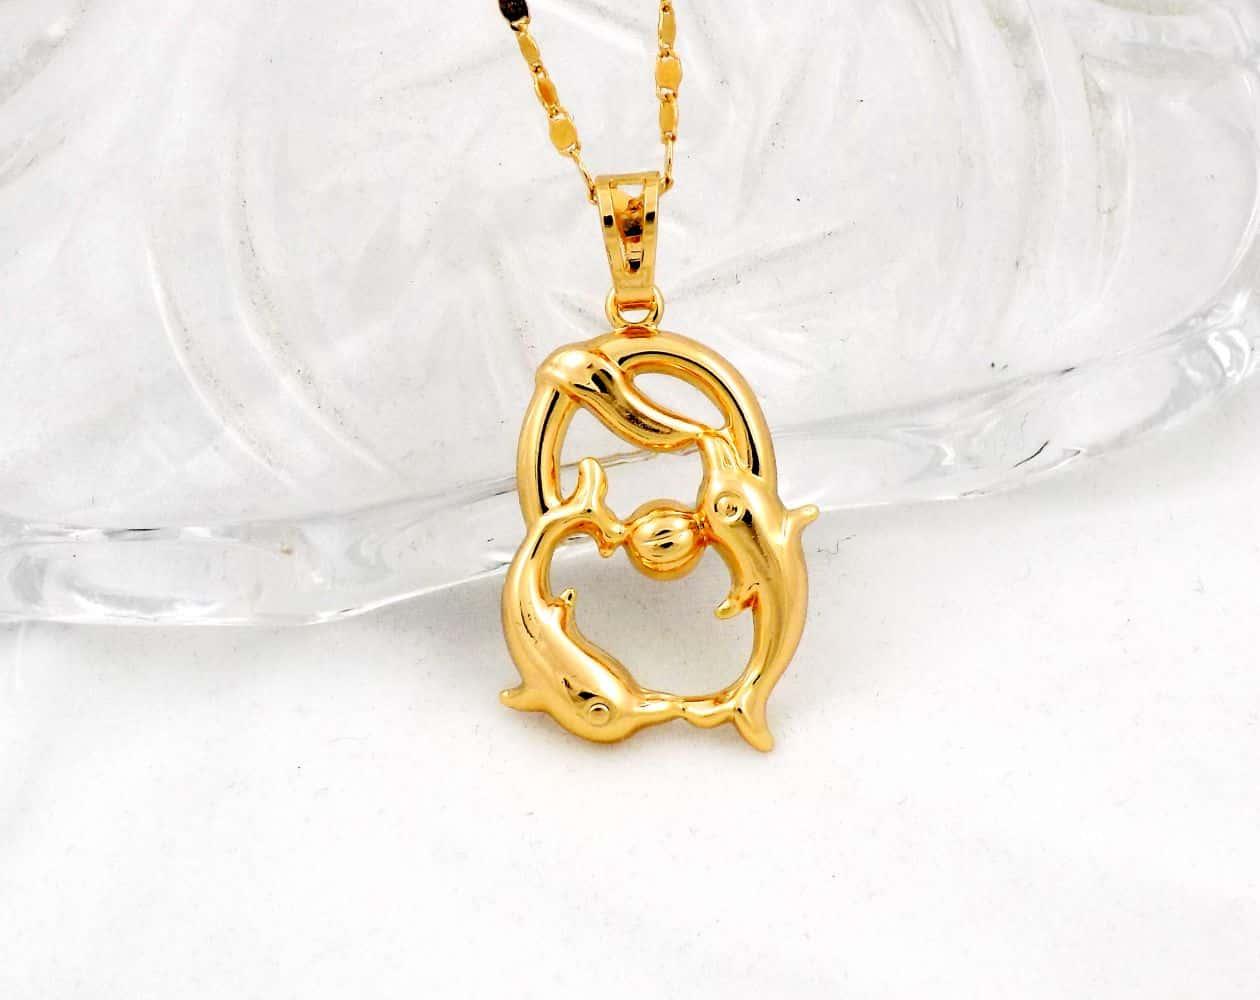 گردنبند دخترانه ژوپینگ ماه تولد اسفند ماه با نماد ماهی nw-n126 از نمای روبرو